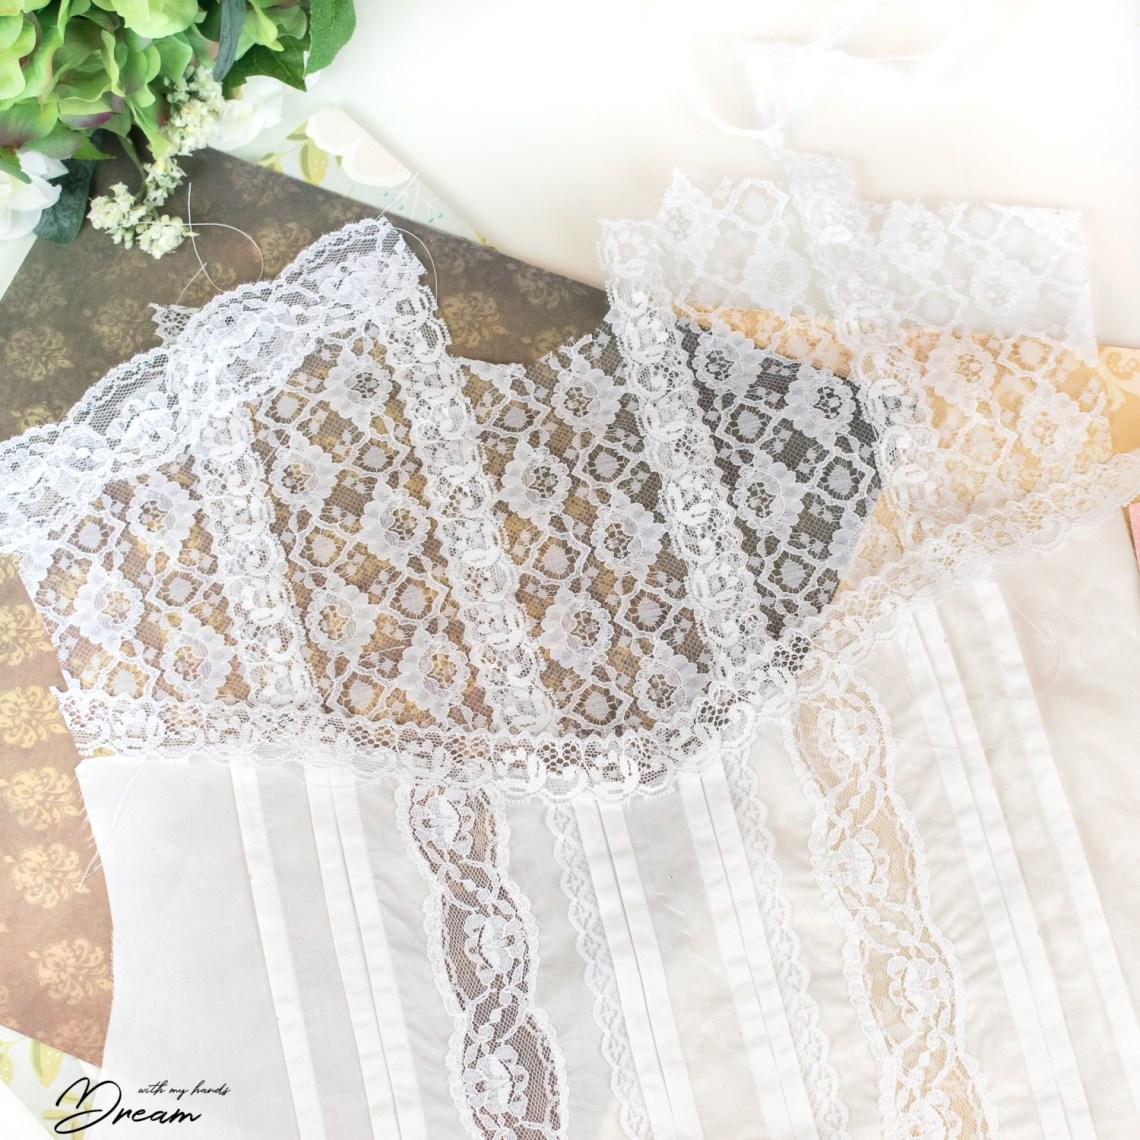 Edwardian lace blouse under construction.